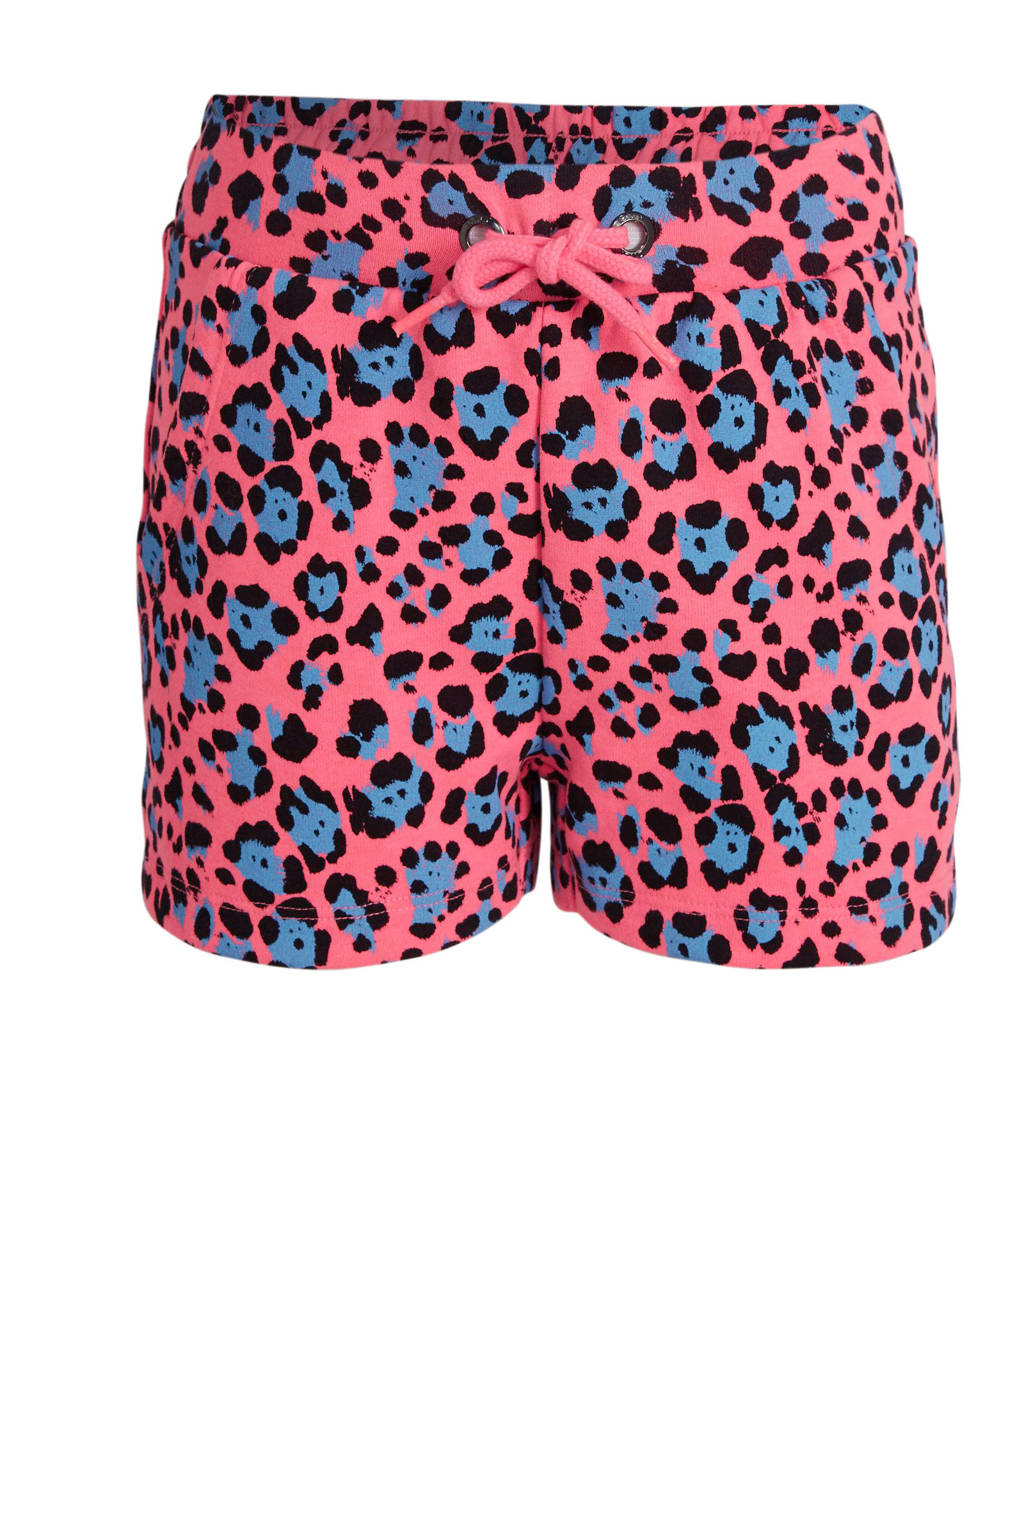 KIDS ONLY short Nellie met panterprint neon roze/blauw/zwart, Neon roze/blauw/zwart